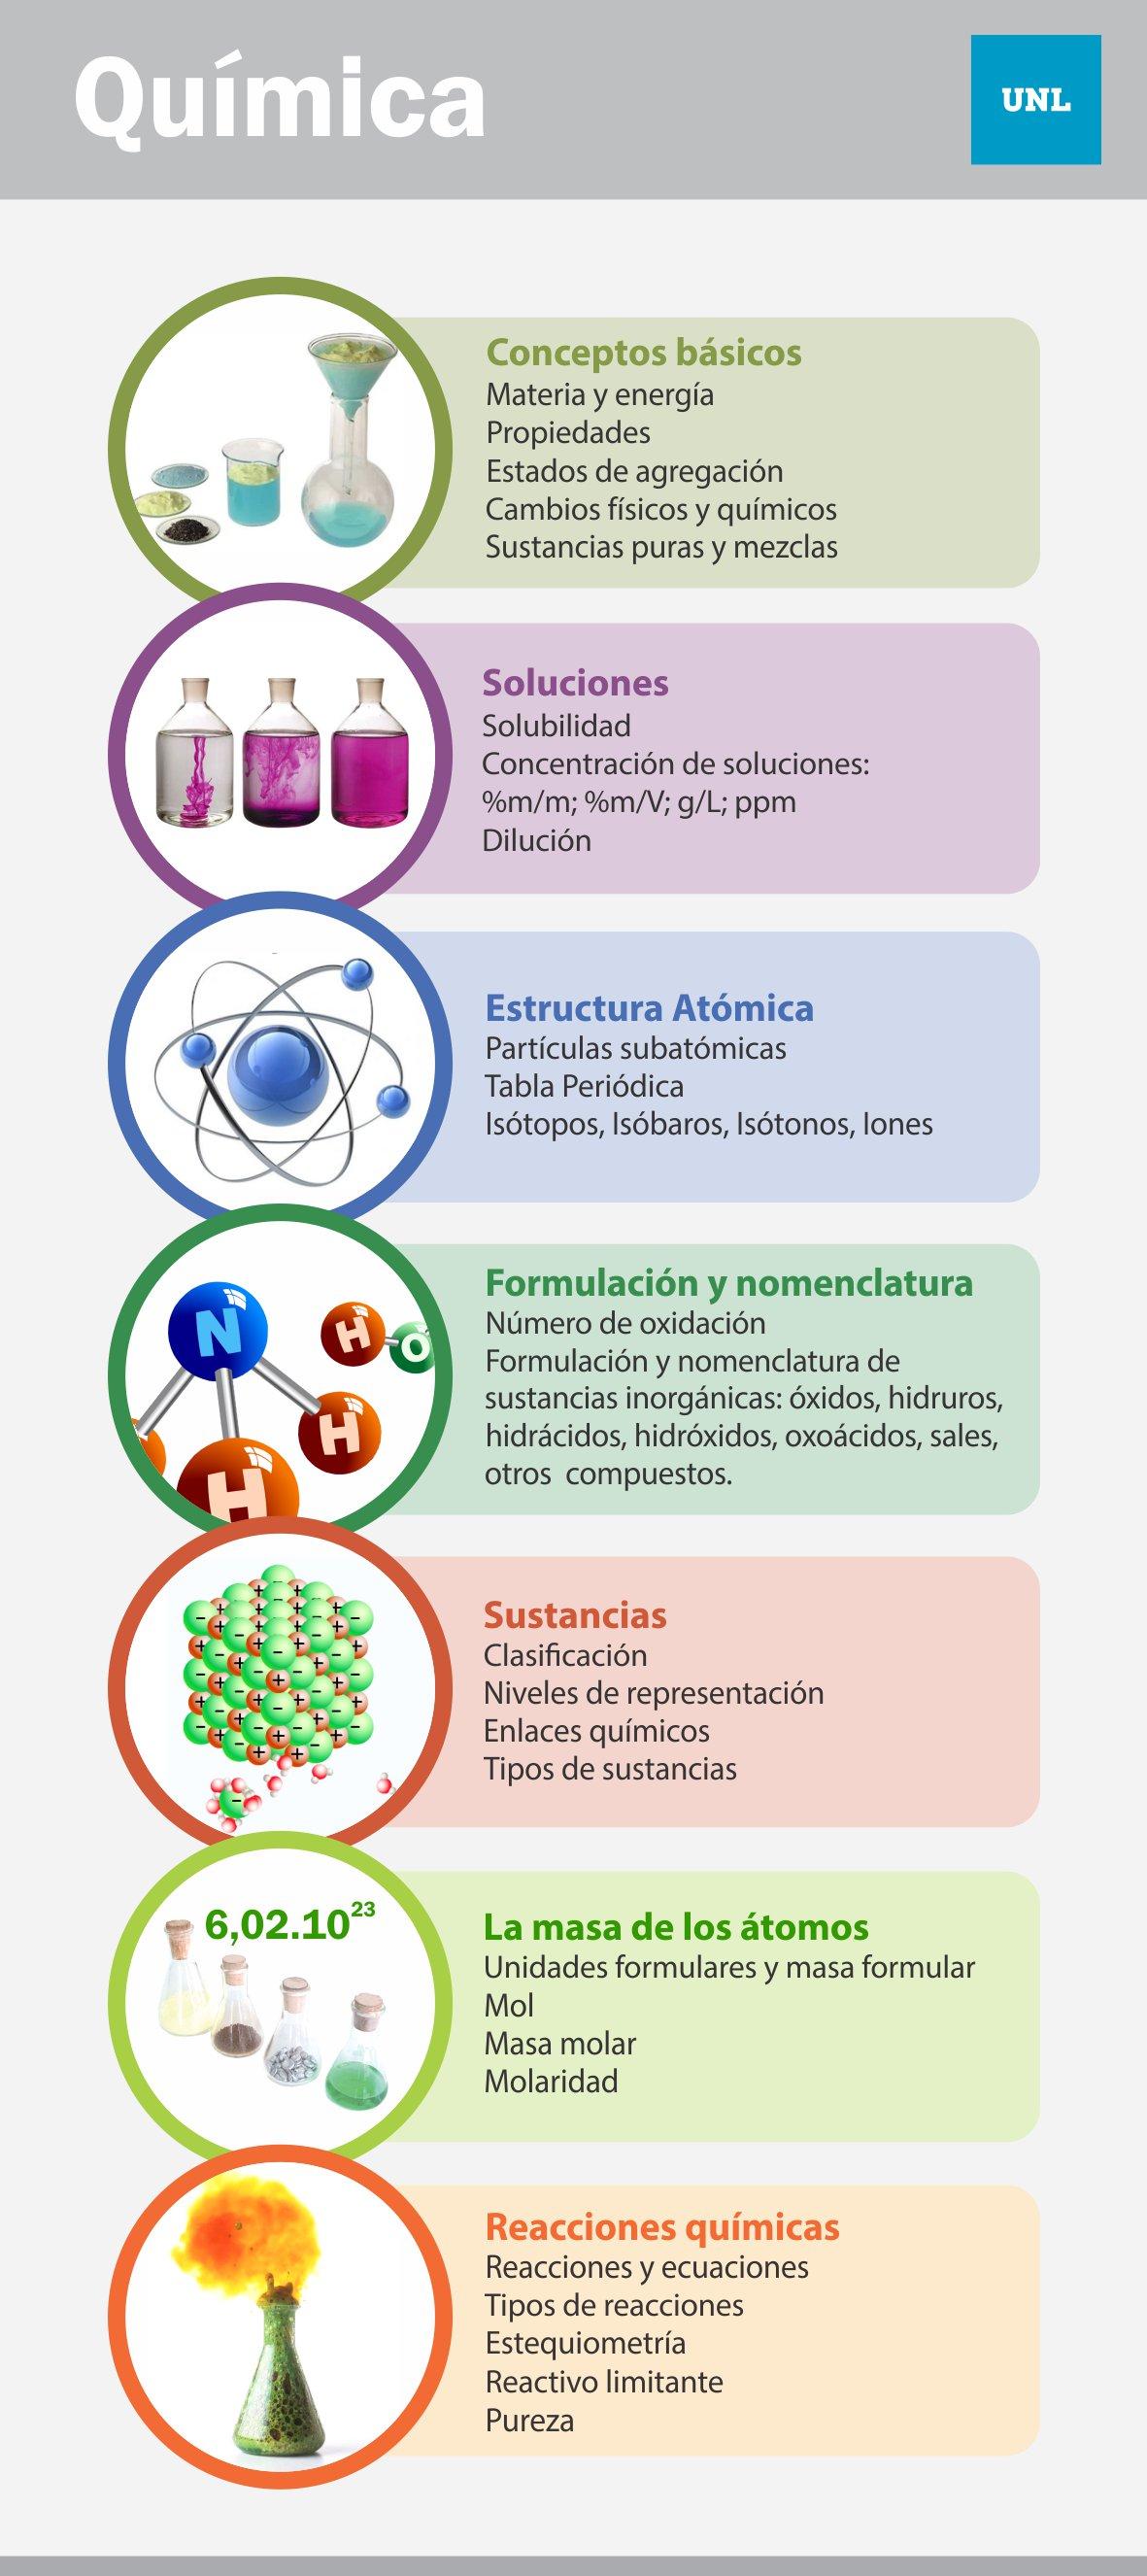 Quimica Articulacion Unl